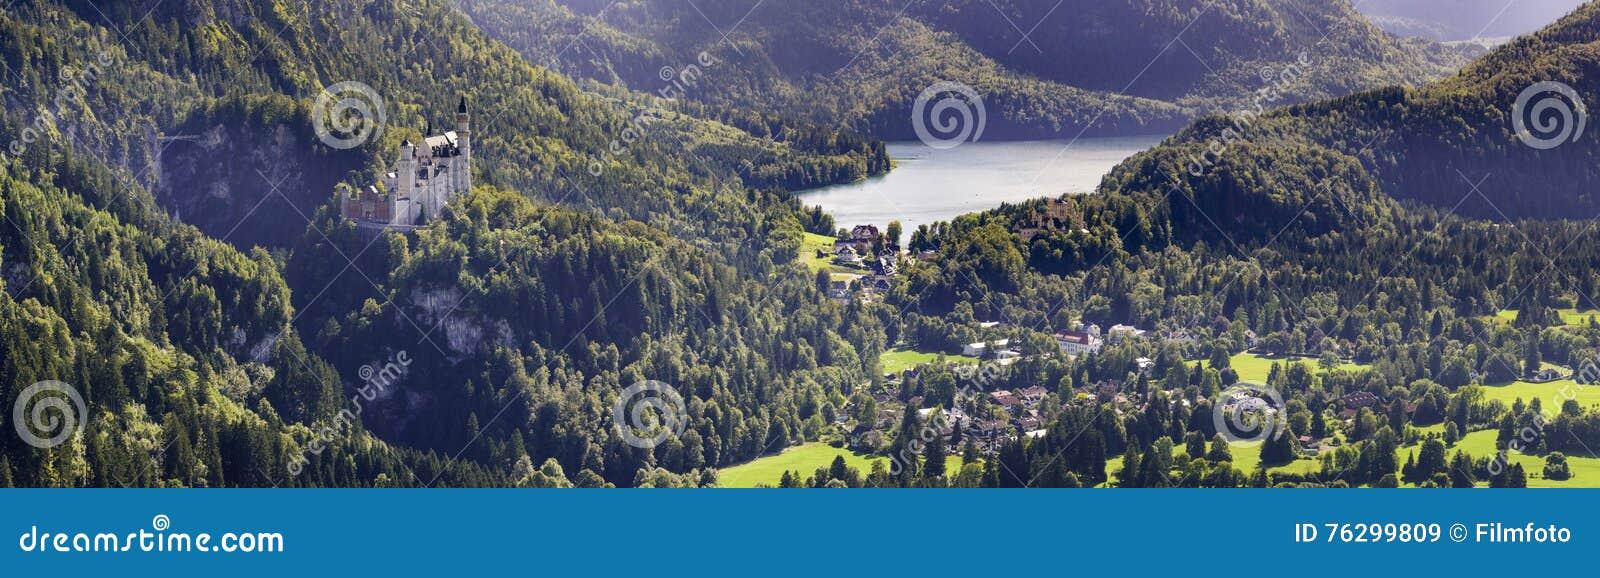 Panoramalandschaft im Bayern mit berühmtem Schloss Neuschwanstein an den Alpenbergen